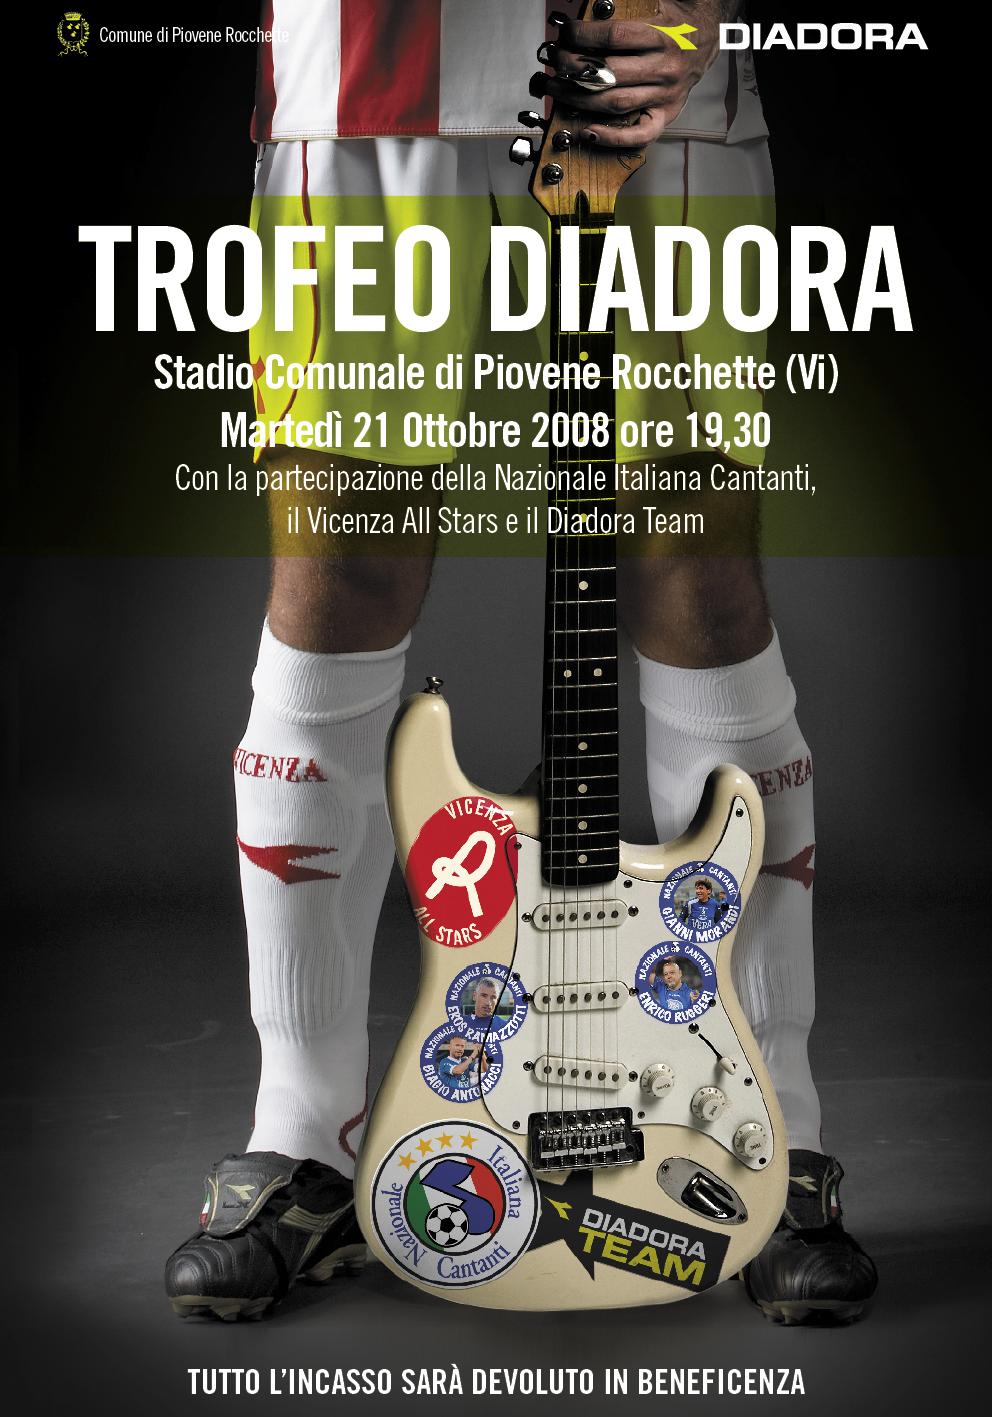 Promo Meeting: Locandina Trofeo Diadora-Nazionale-cantanti